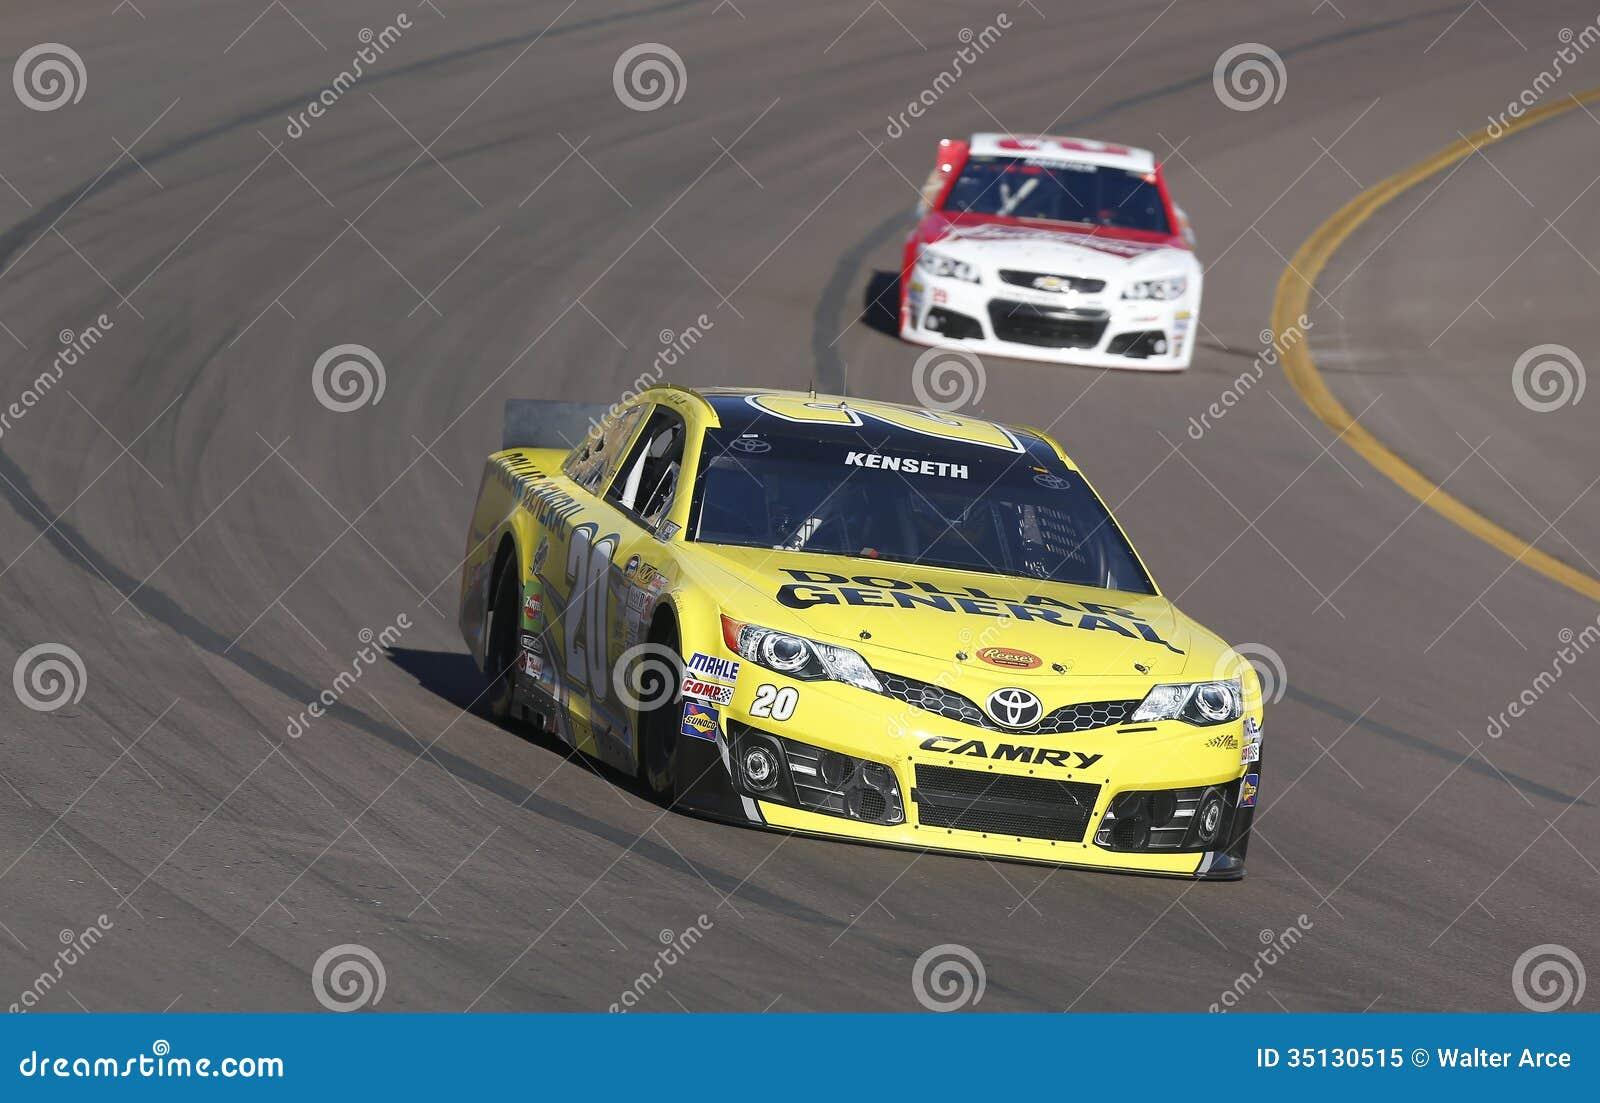 Advocare Race Car